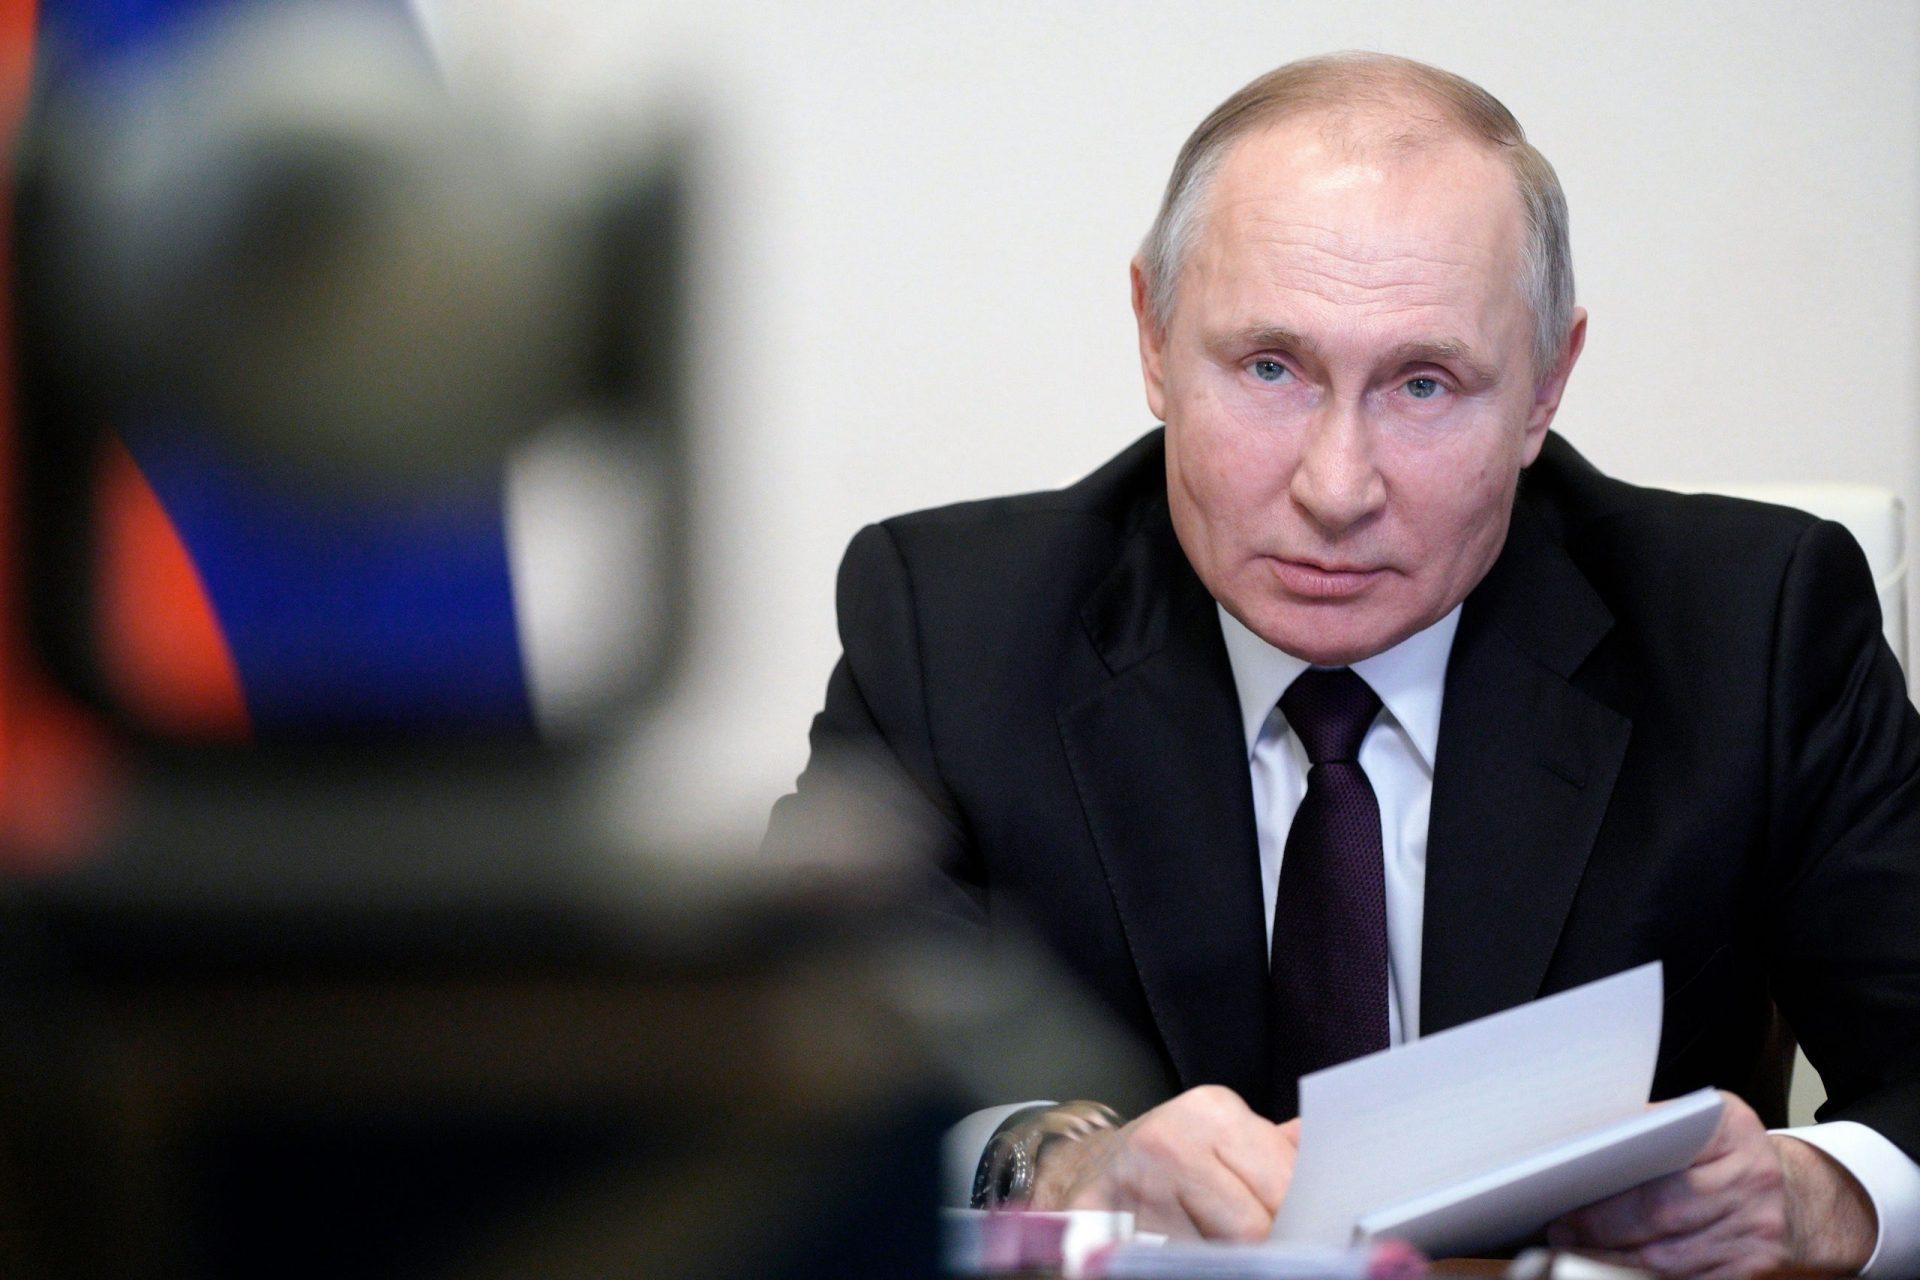 Primul comentariu al lui Putin despre premiul Nobel câștigat de un jurnalist rus a fost o amenințare